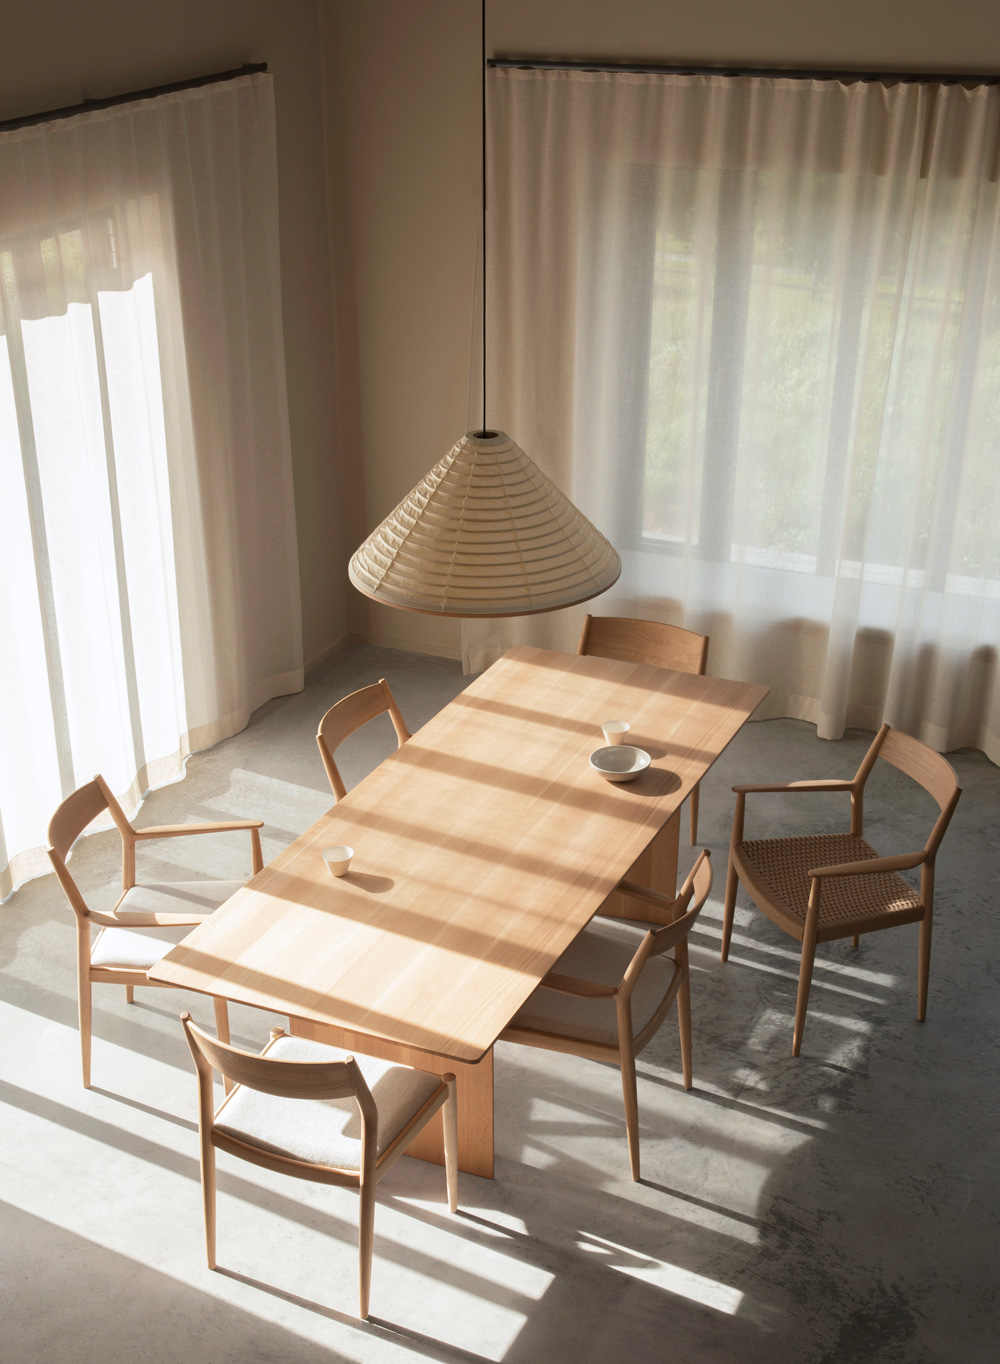 """חפצים Japandi <br><br> """"... הריהוט """"רך"""" תוך שמירה על אלגנטיות של עיצוב יפני. למרות השימוש<br>בשתי התרבויות – הנורדית והיפנית, הוקפד על פונקציונליות ועל היעיל.<br>אבל! היה חשוב לשמור על תחושת Zen של שקט בעת שהחיים מתנהלים בבית והטבע עוטף אותם."""""""